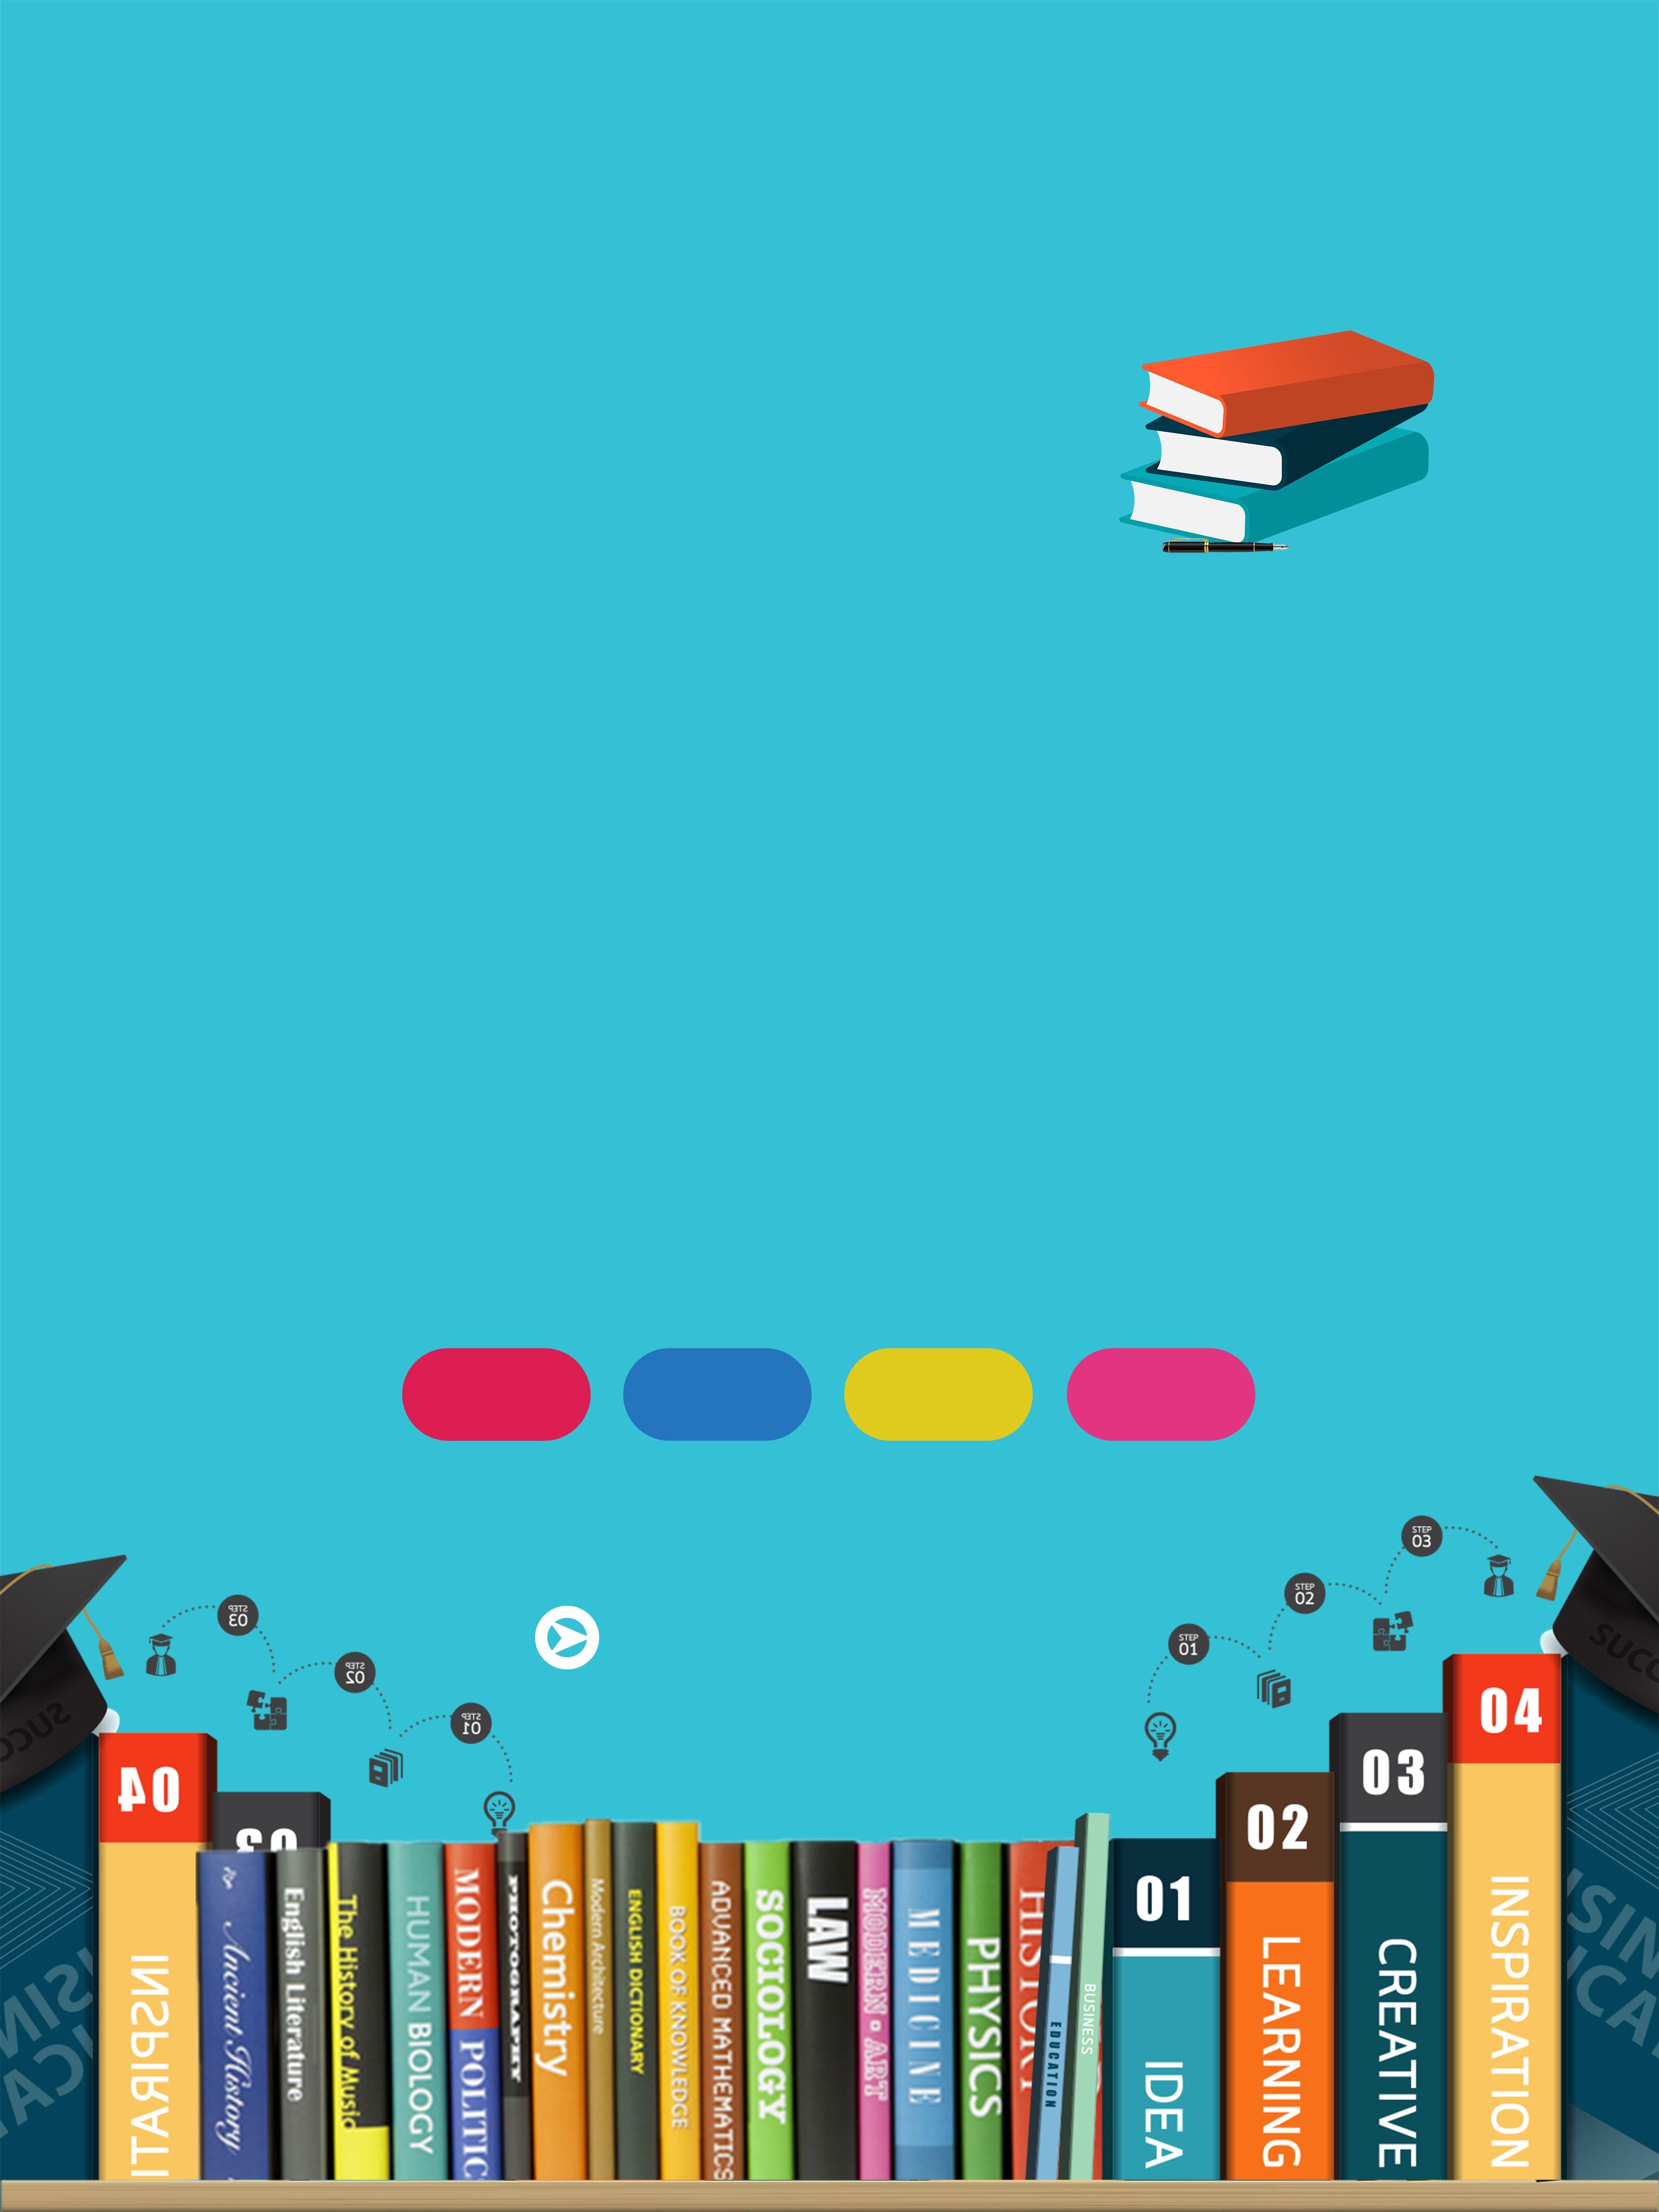 Latar Belakang Iklan Buku Yang Segar Dan Ringkas Buku Latar Belakang Alat Tulis